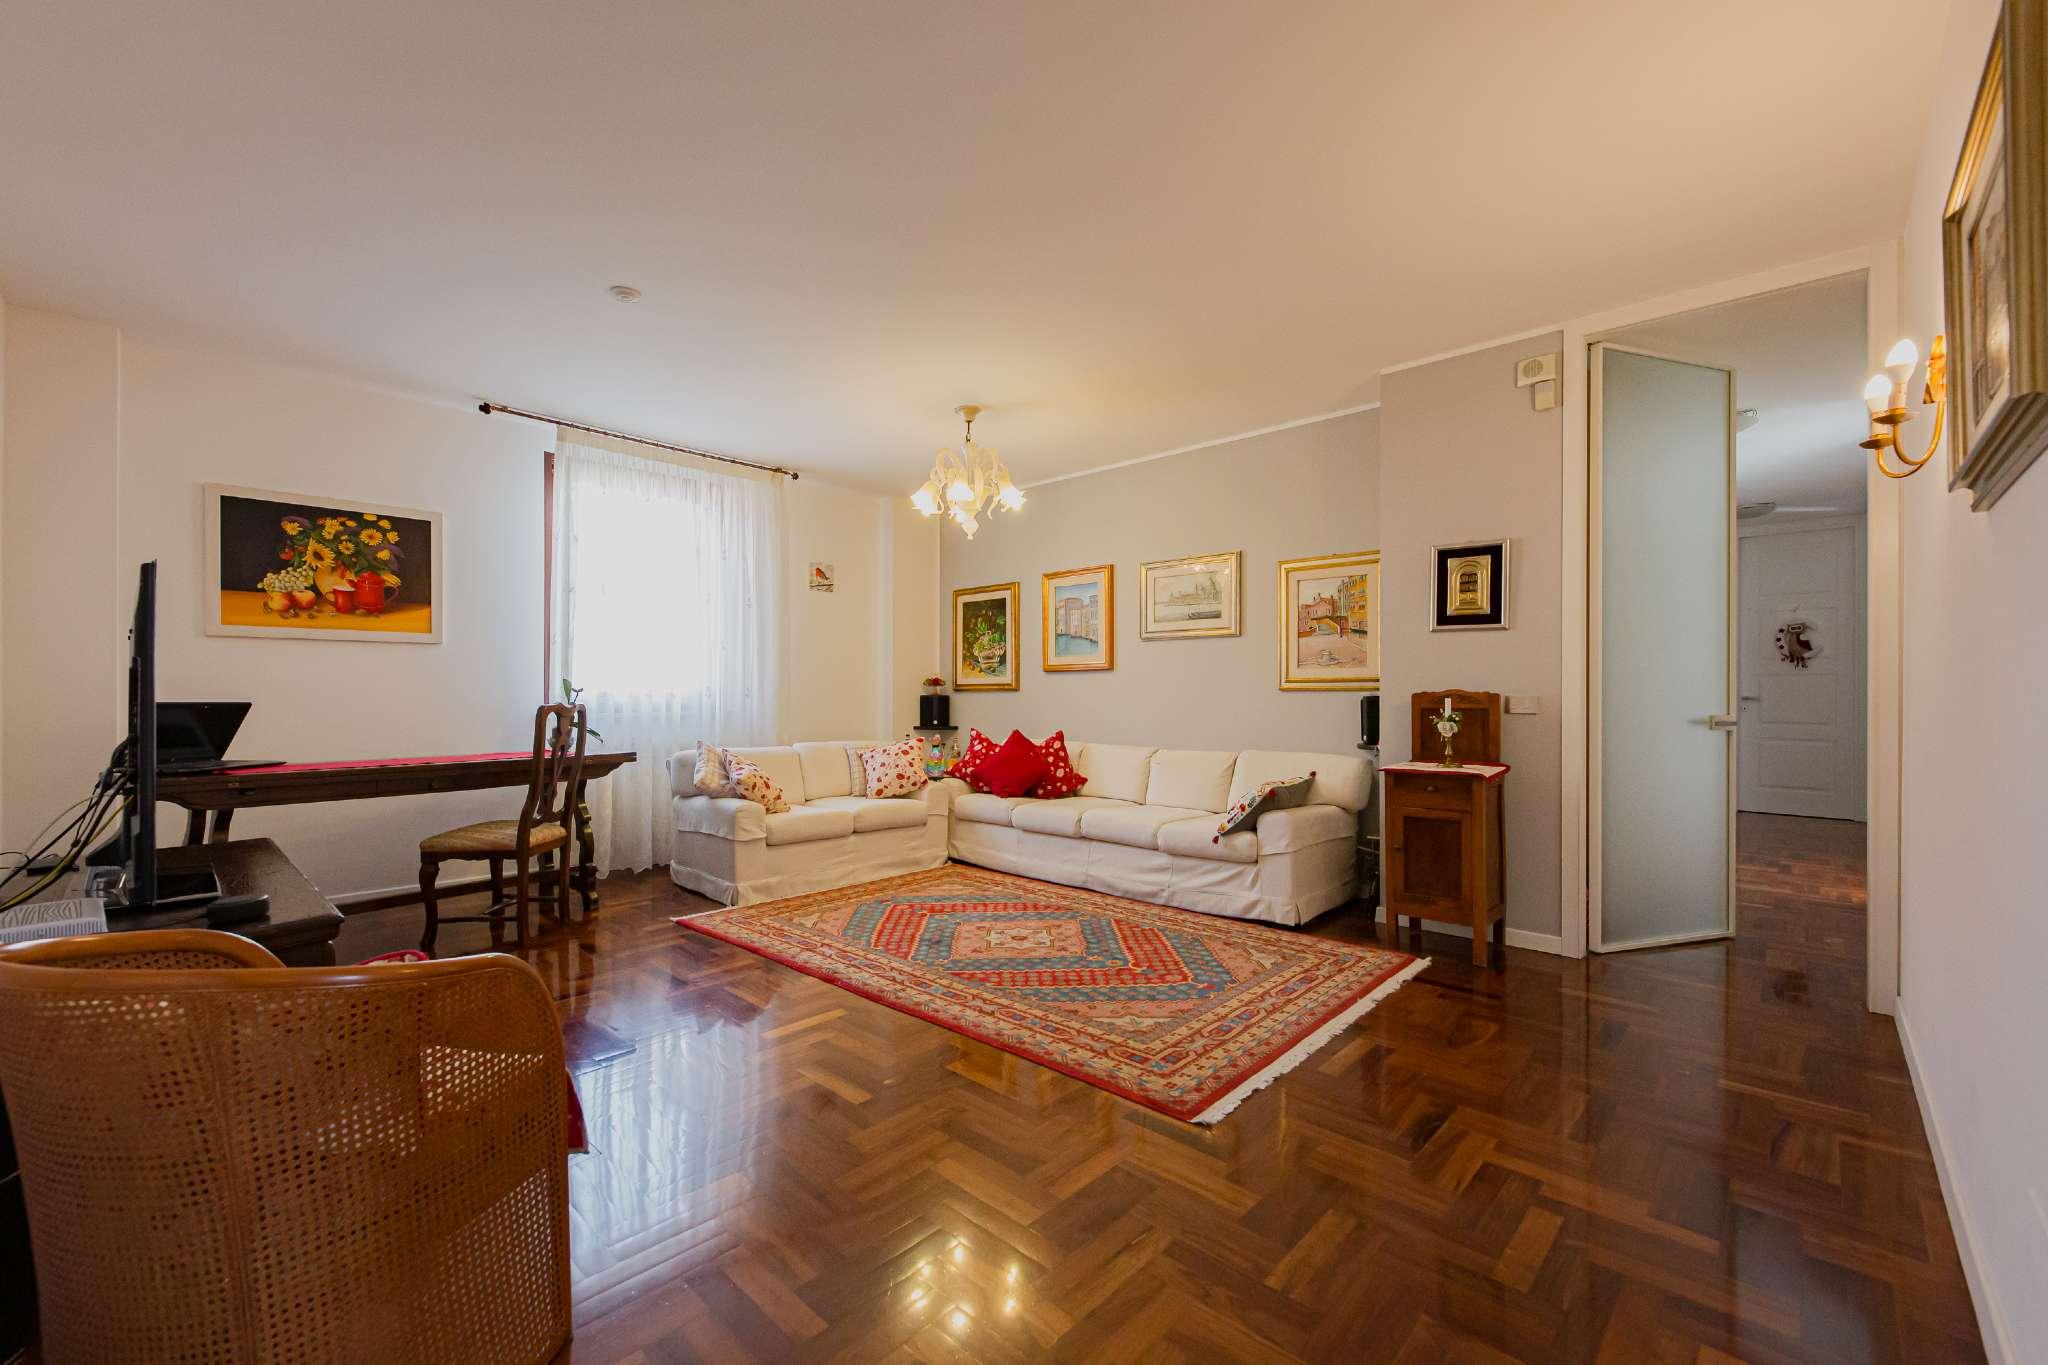 Appartamento in vendita a Udine, 5 locali, prezzo € 249.000 | PortaleAgenzieImmobiliari.it